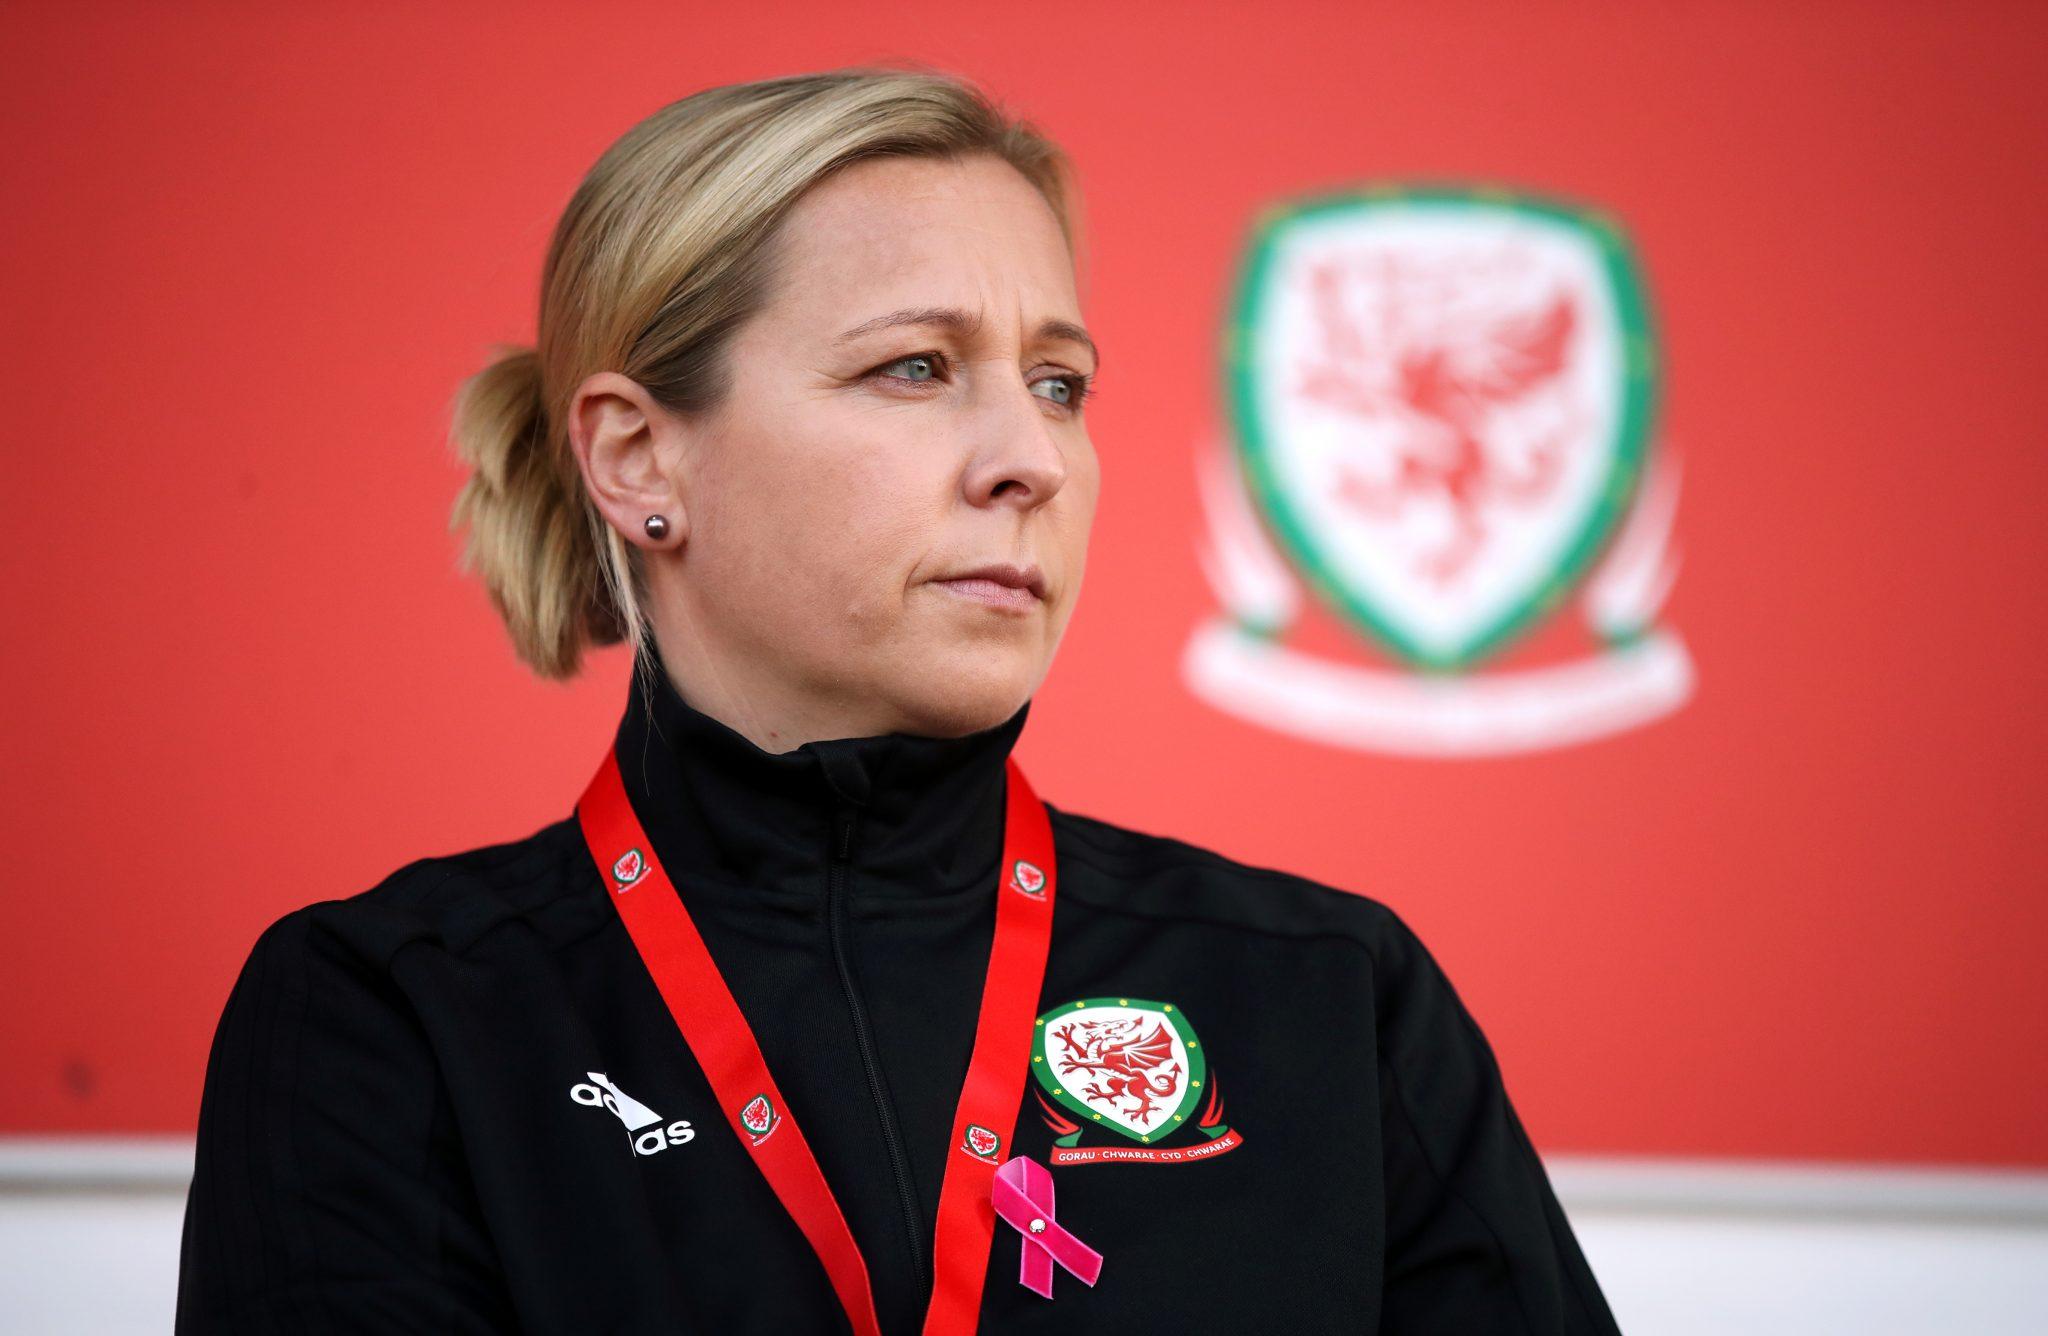 Wales head coach Jayne Ludlow